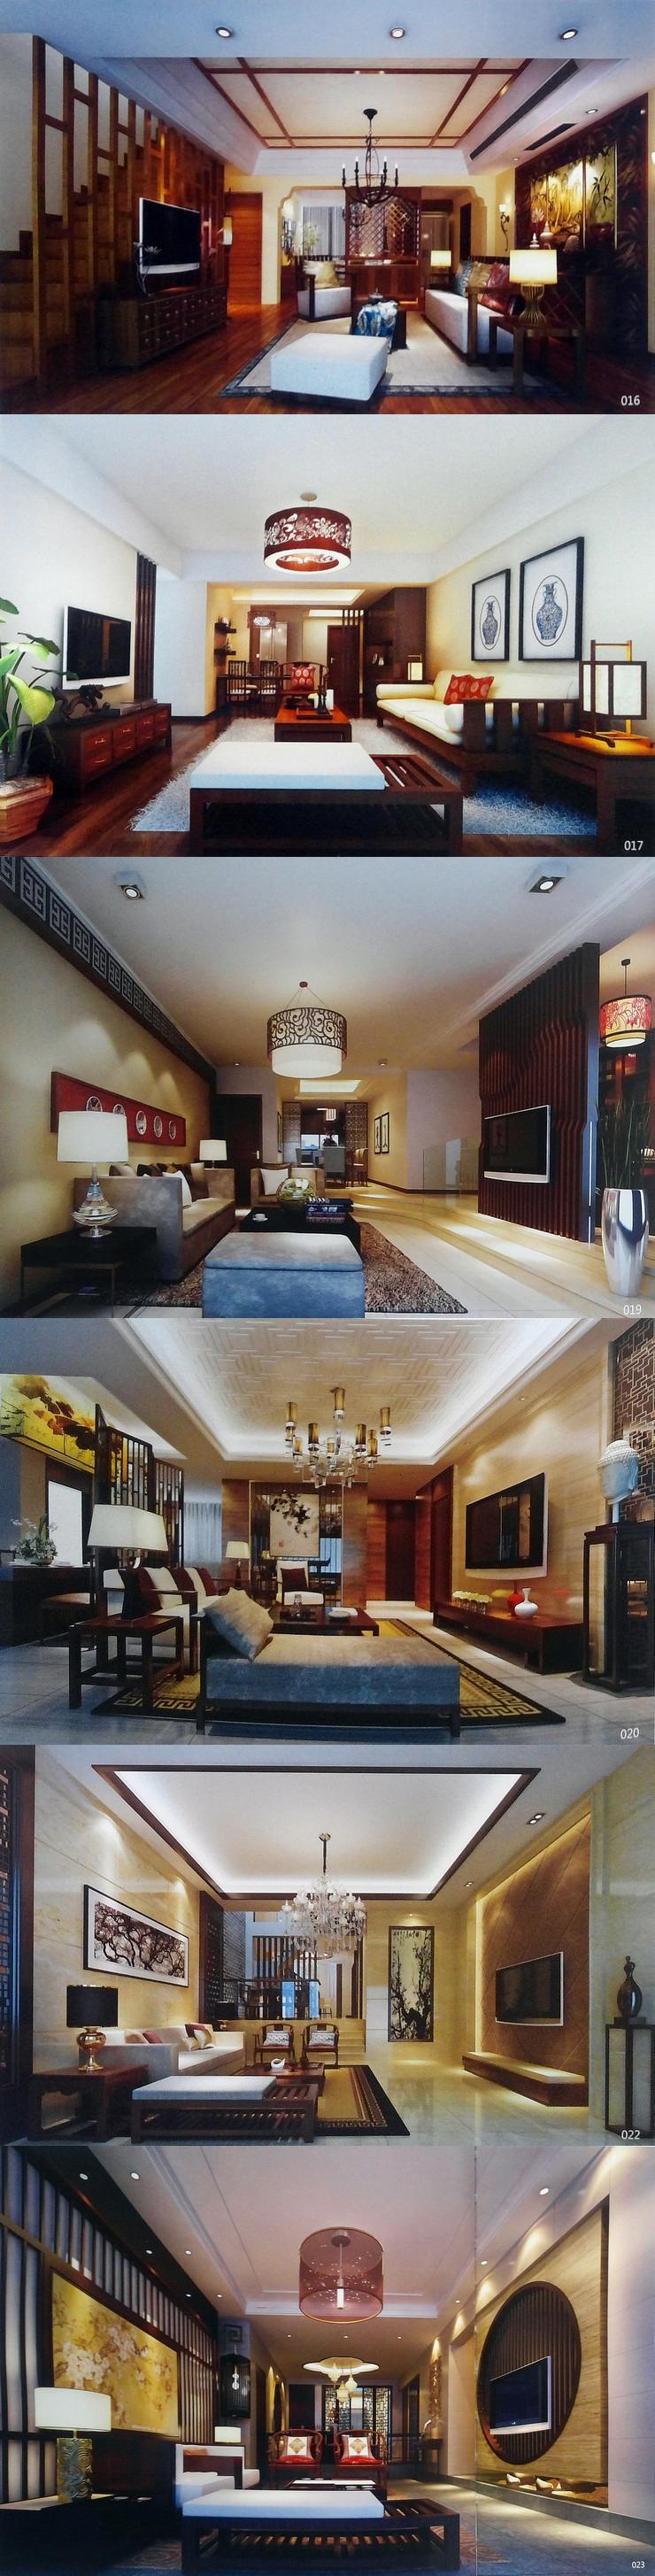 Living room interior design 3d model vol 1 download for Model interior design living room